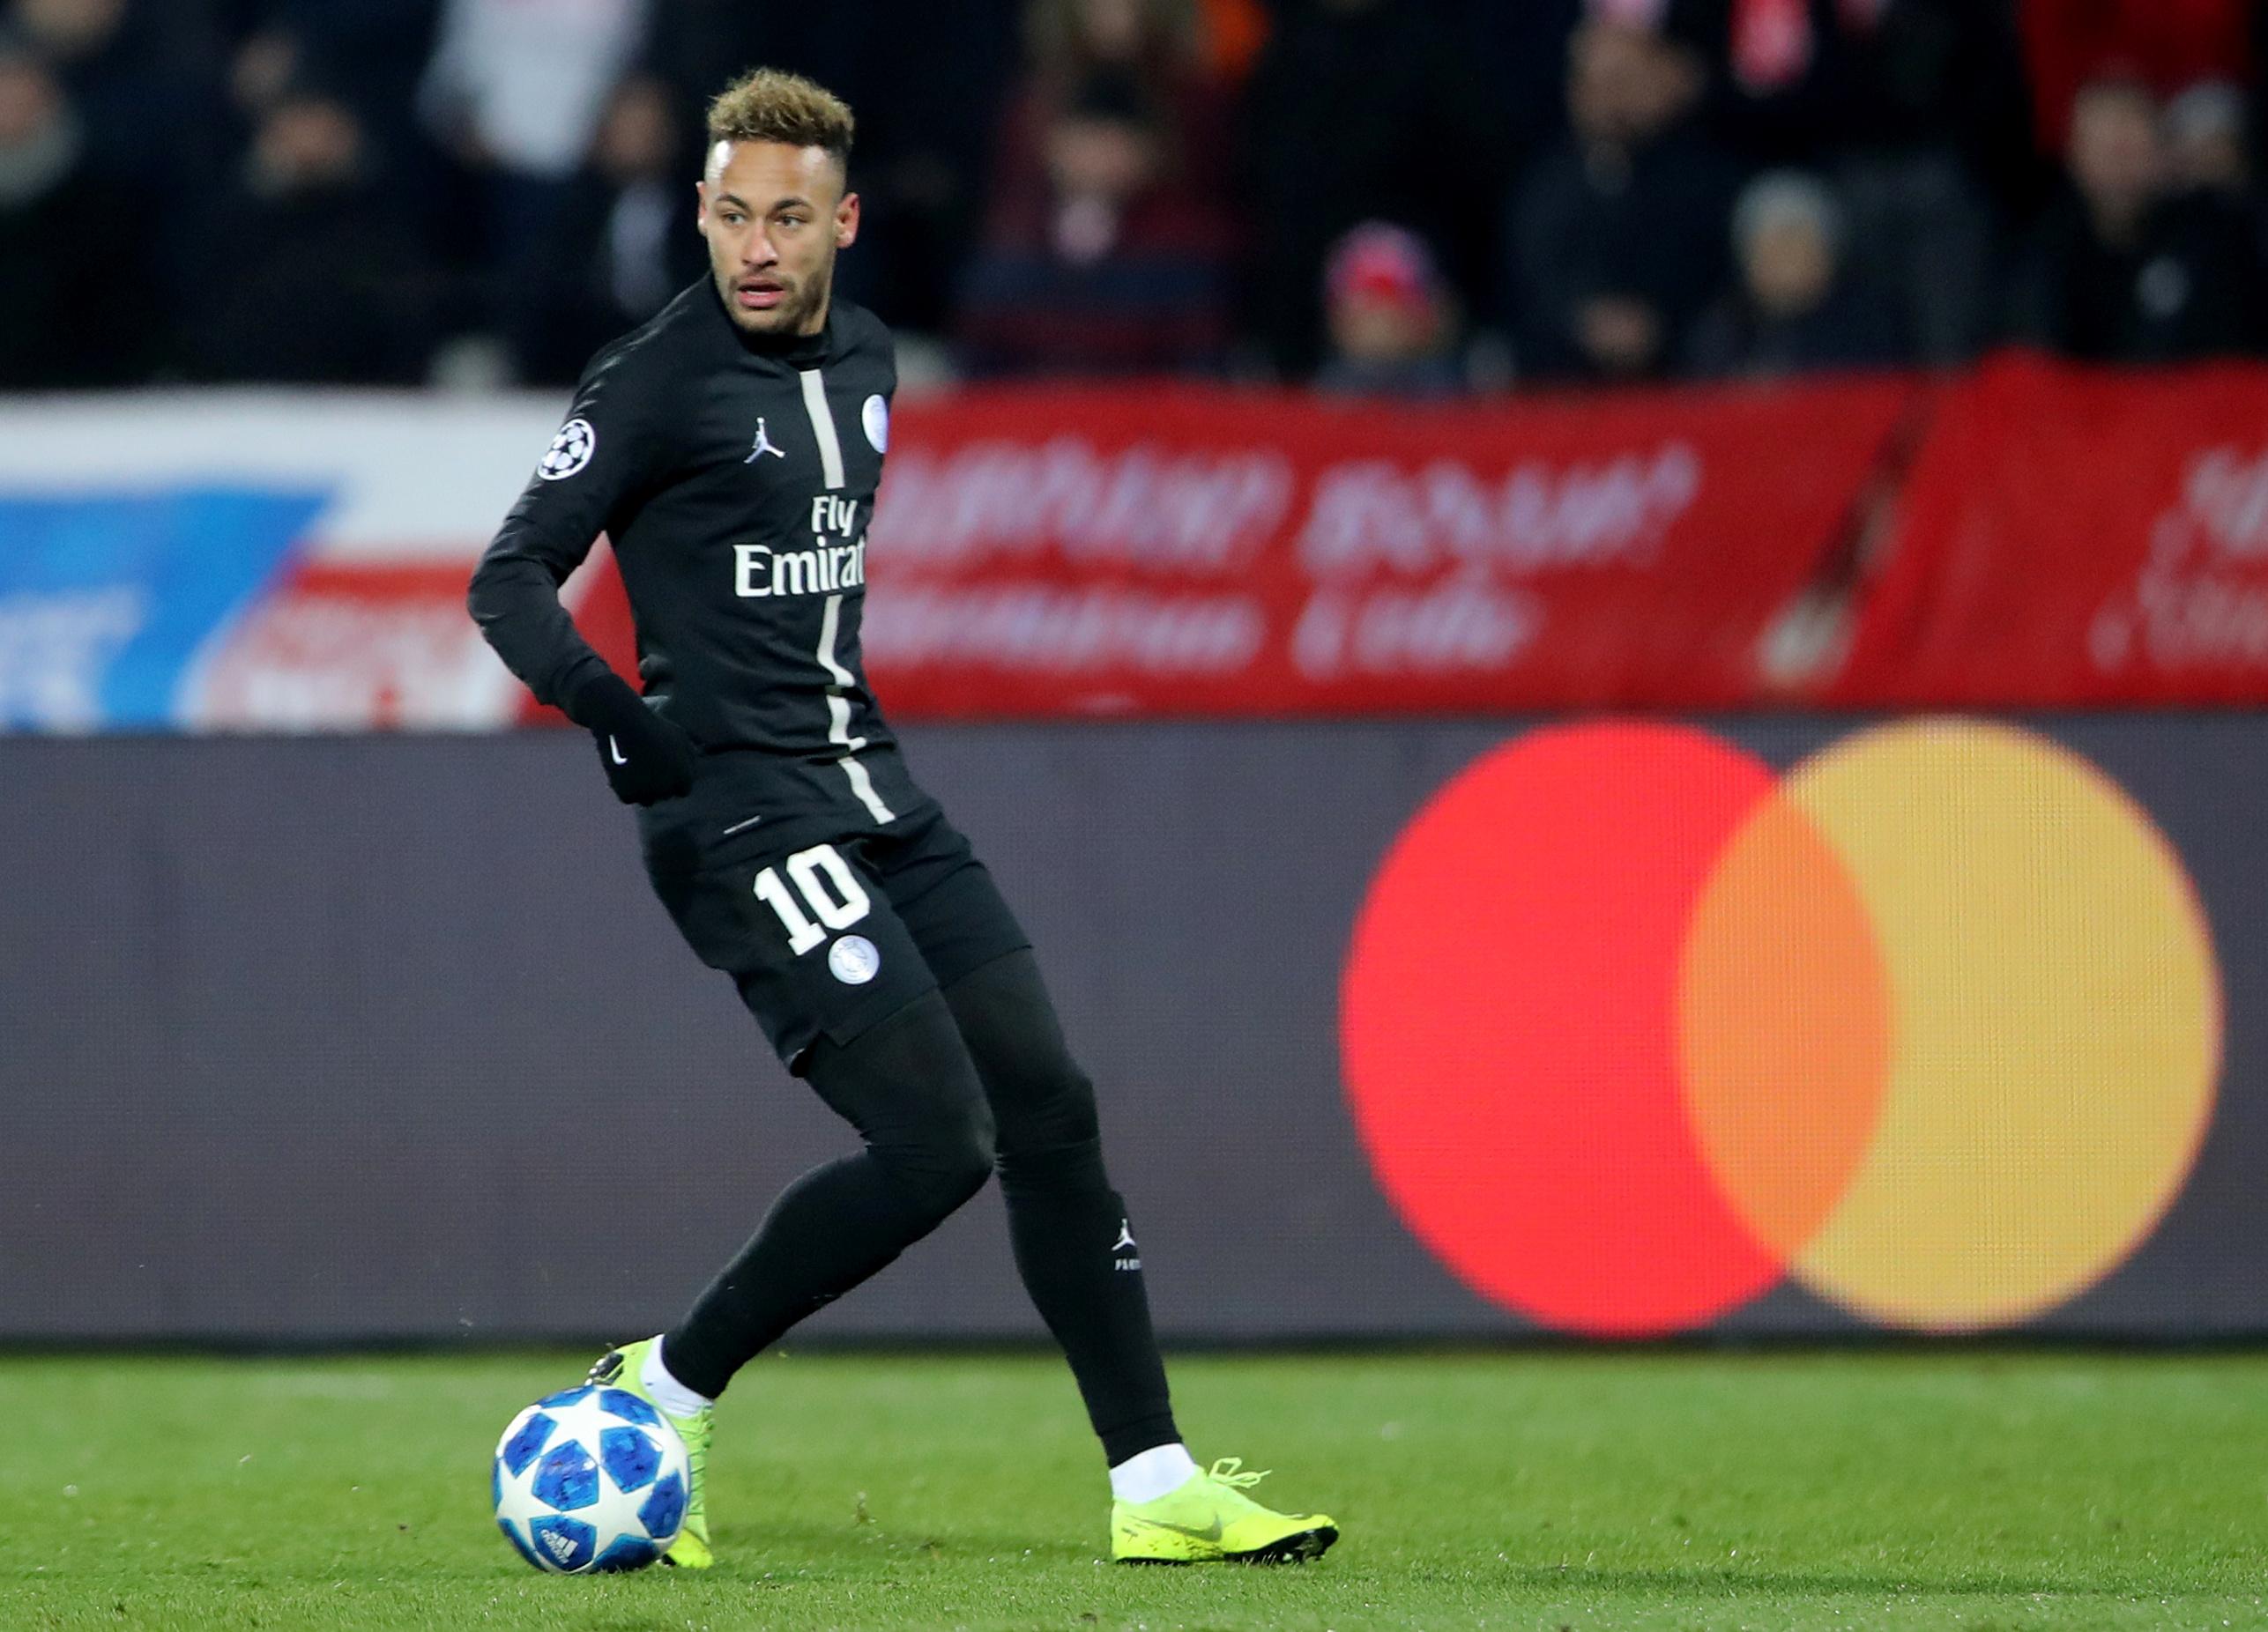 Mastercard cancela su campaña publicitaria con Neymar tras la acusación de violación